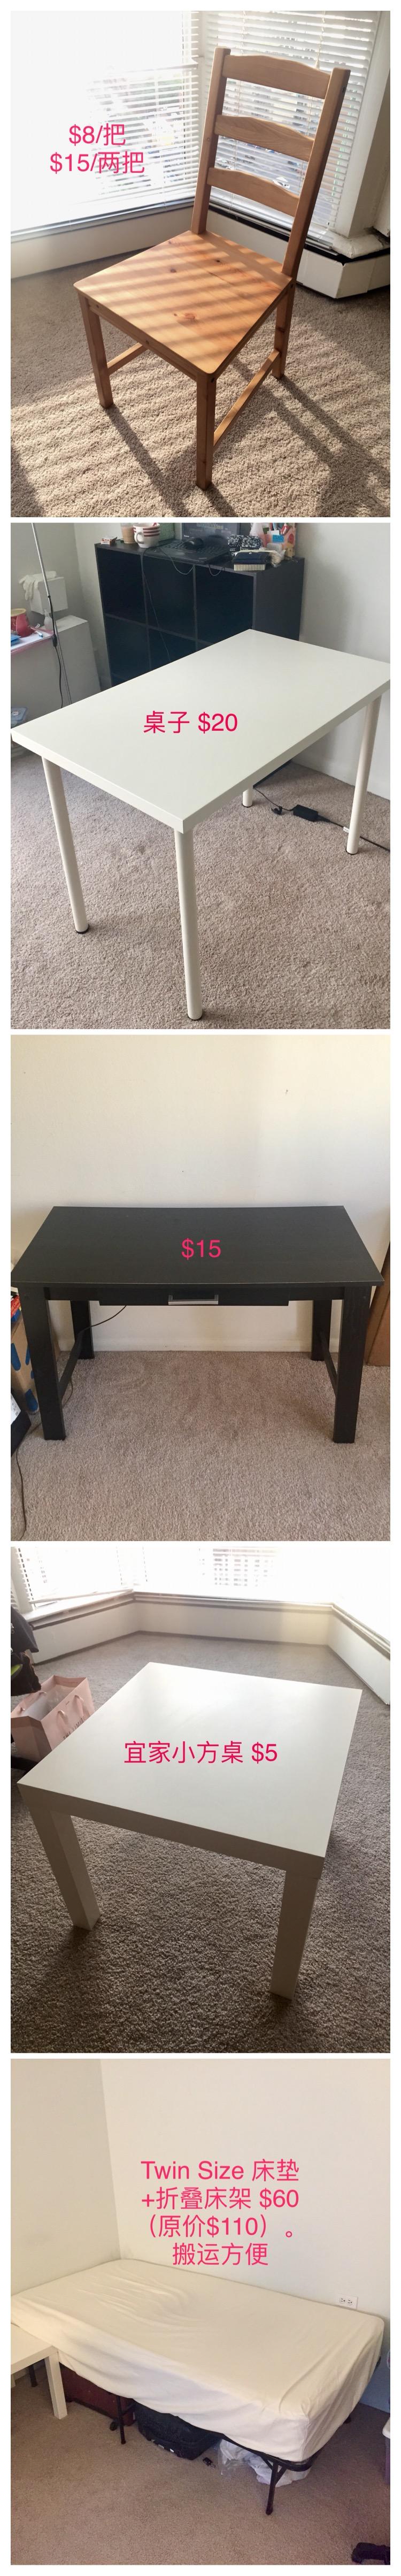 55 W Chestnut 搬家家具甩卖